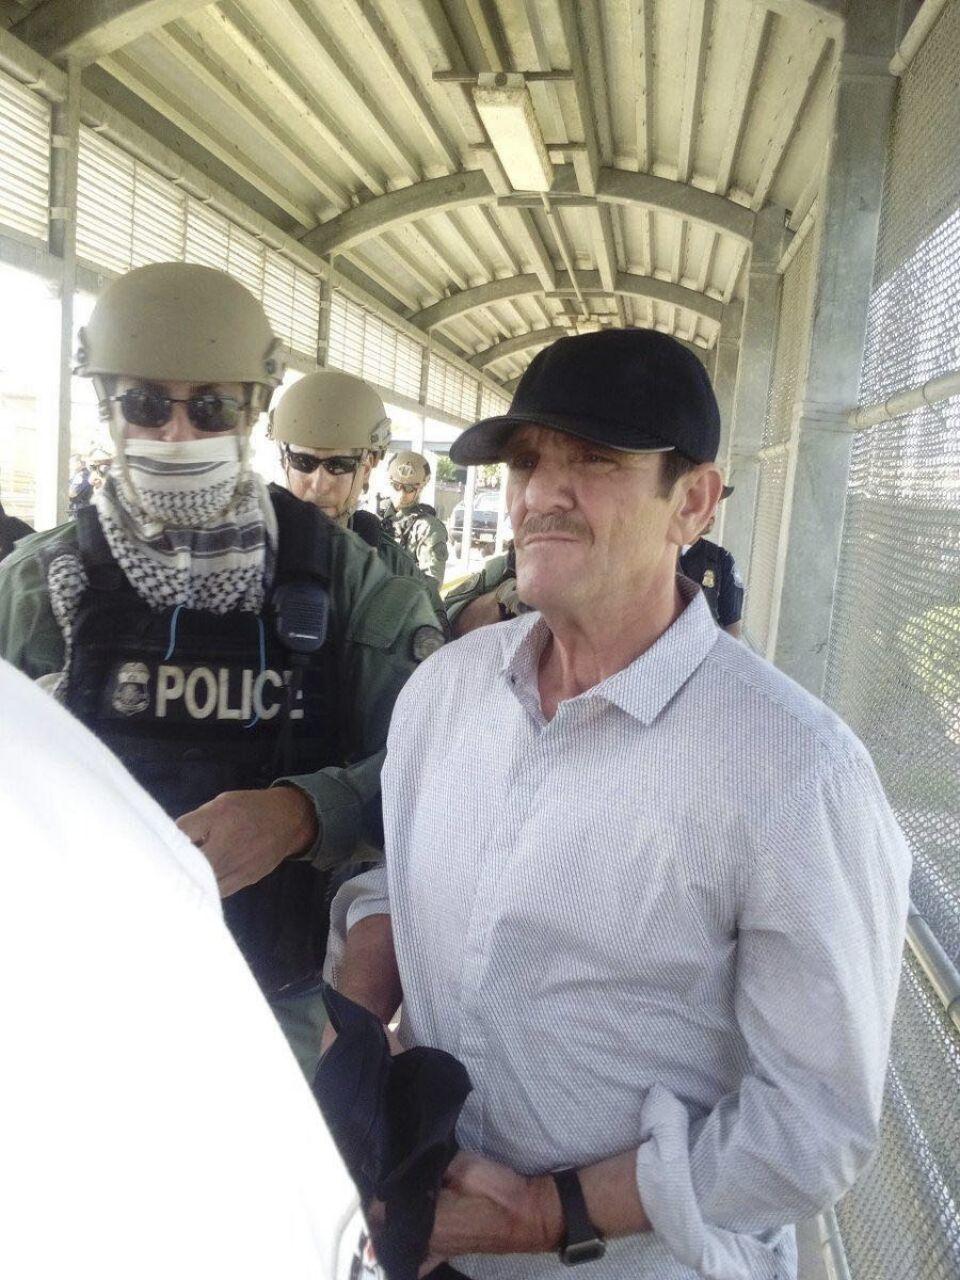 """Héctor Palma Salazar alías """"El Güero Palma"""", fundador del cártel de Sinaloa"""", fue entregado por autoridades de Estados Unidos, tras pagar su condena por crímenes de narcotráfico en aquel país. FOTO: RED DE PERIODISTAS DEL NOROESTE  /CUARTOSCURO"""